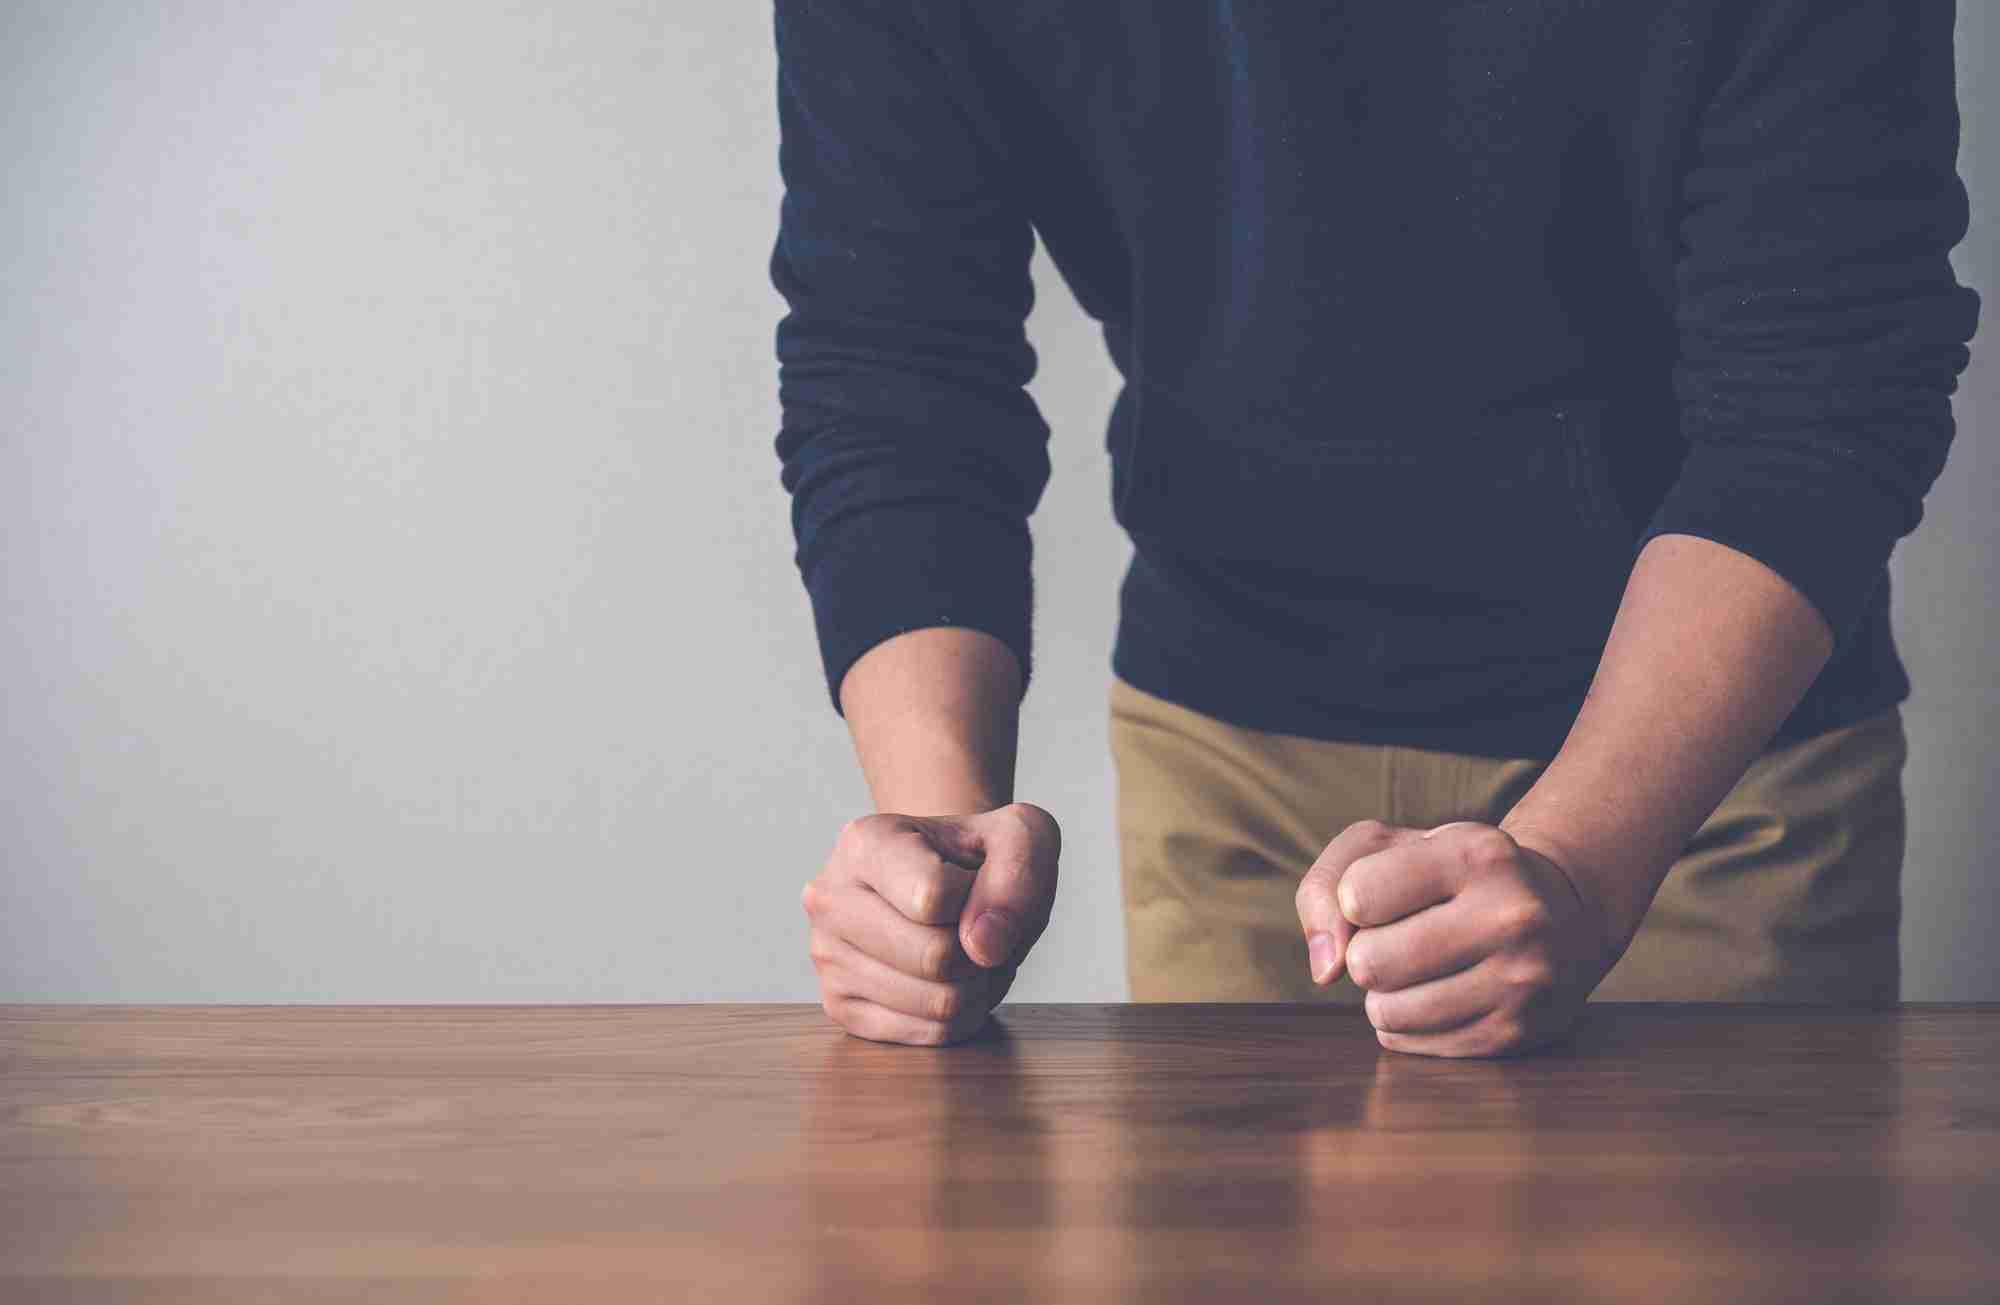 DV妻に耐える、男の#Metoo「家庭内のミスで反省文を書かされる」 | 日刊SPA!